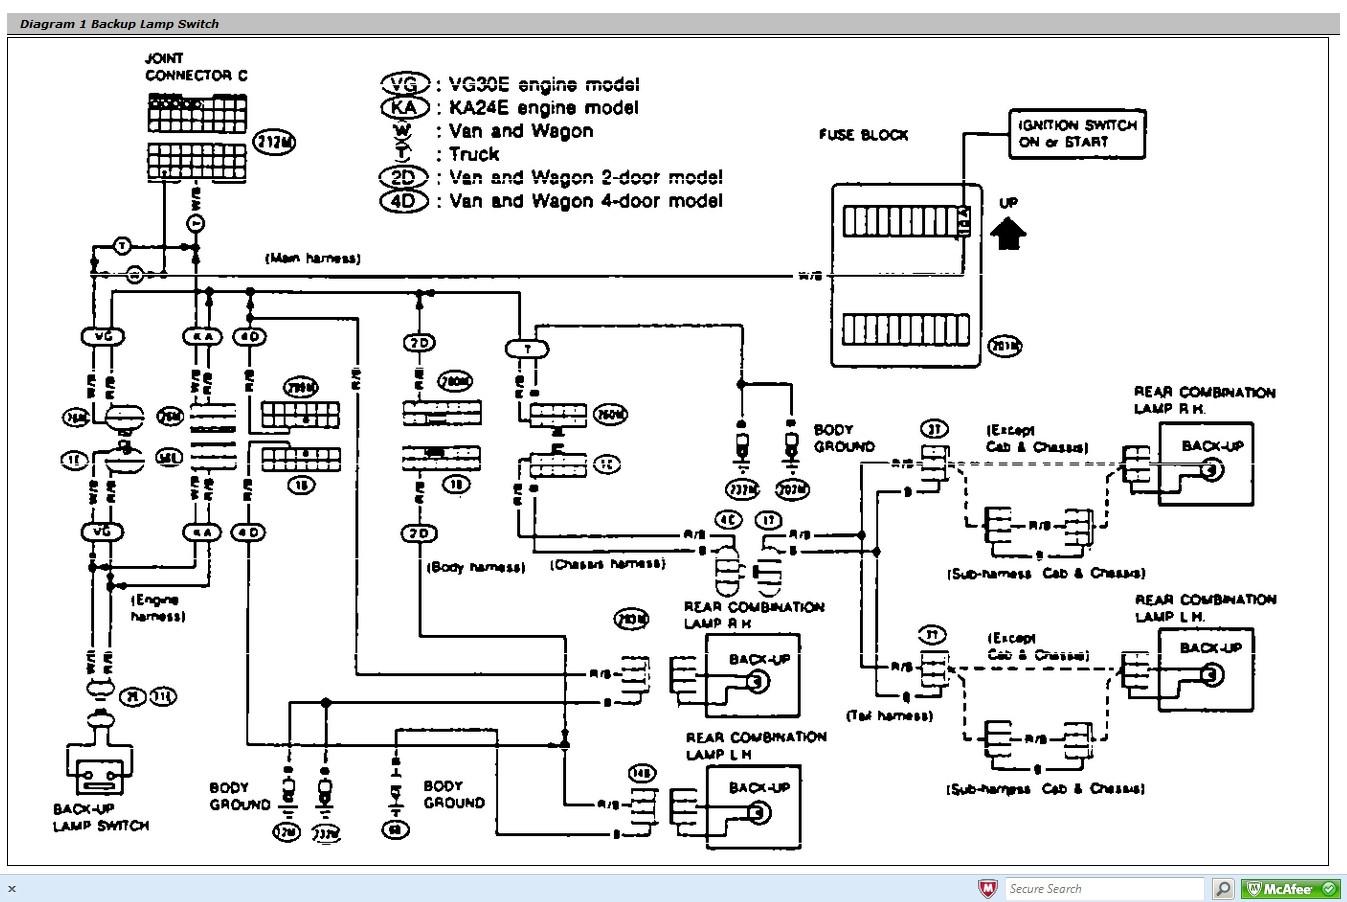 2006 Nissan Frontier Trailer Wiring Diagram | Free Wiring ...